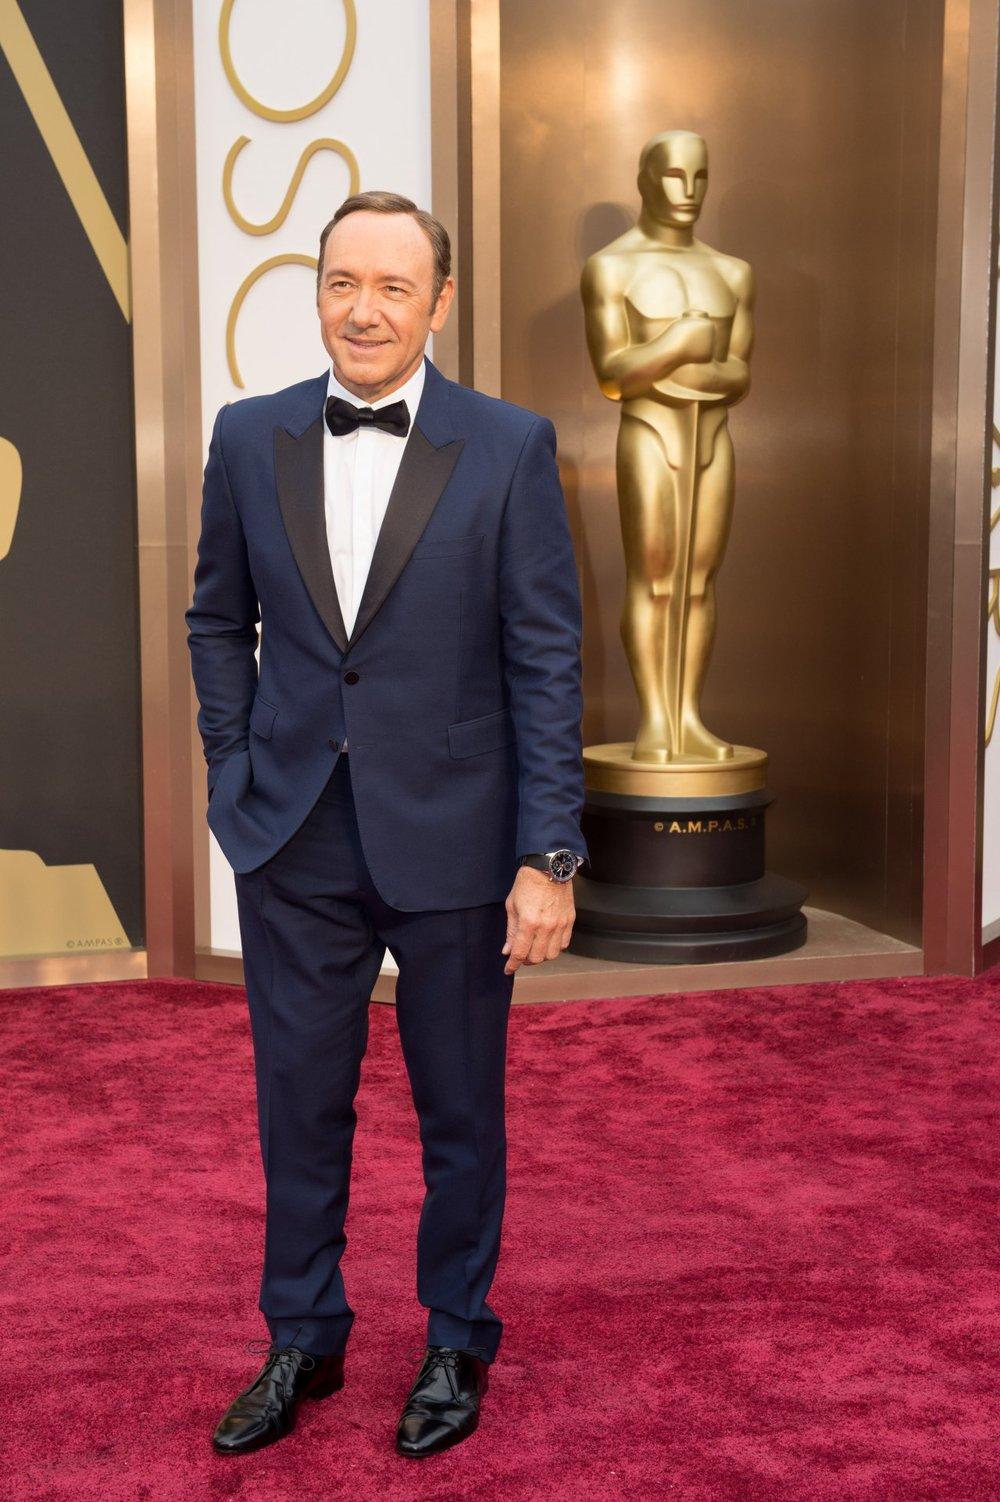 Podem tentar o quanto quiserem, mas vai ser difícil bater o smokingque Kevin Spacey vestiu na edição passada do Oscar. Praticamente gritando elegância e originalidade.